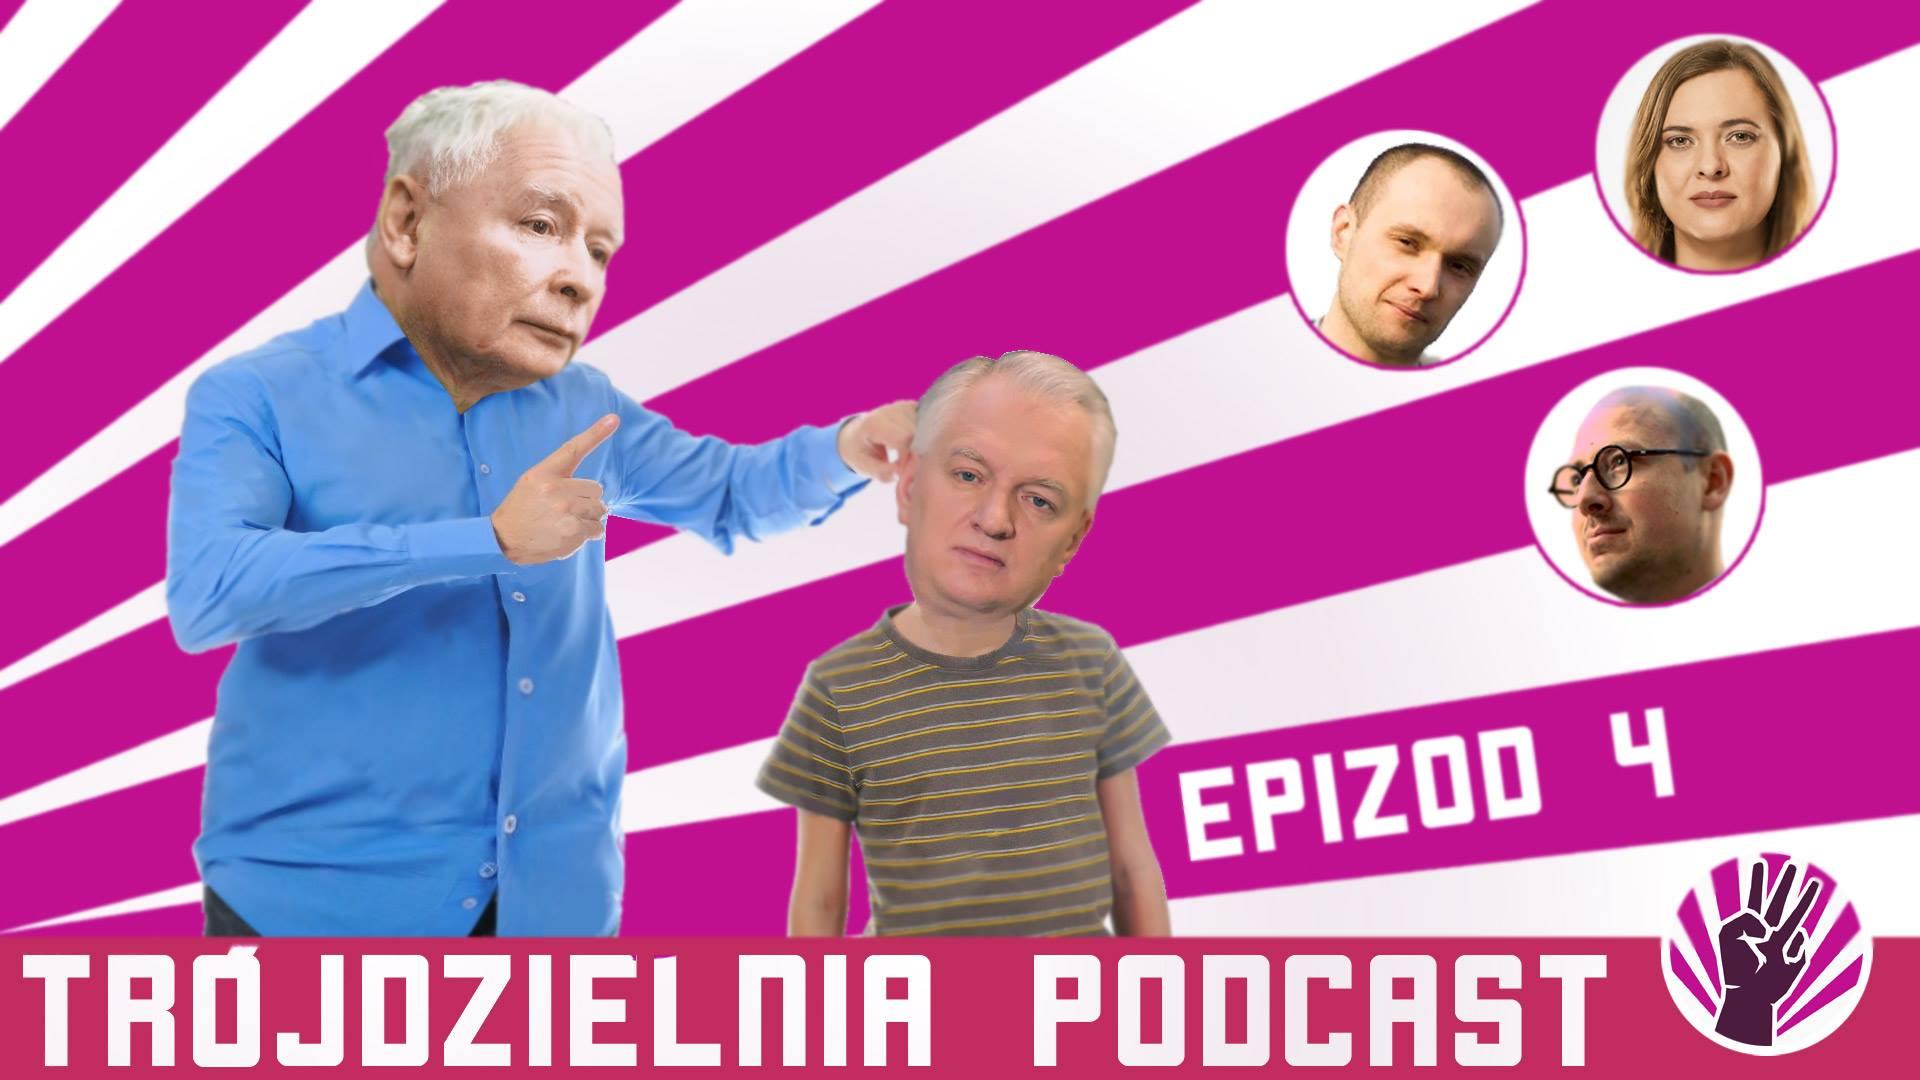 Trójdzielnia Podcast Polityczny #4 – szarża Gowina kontra rzeczywistość